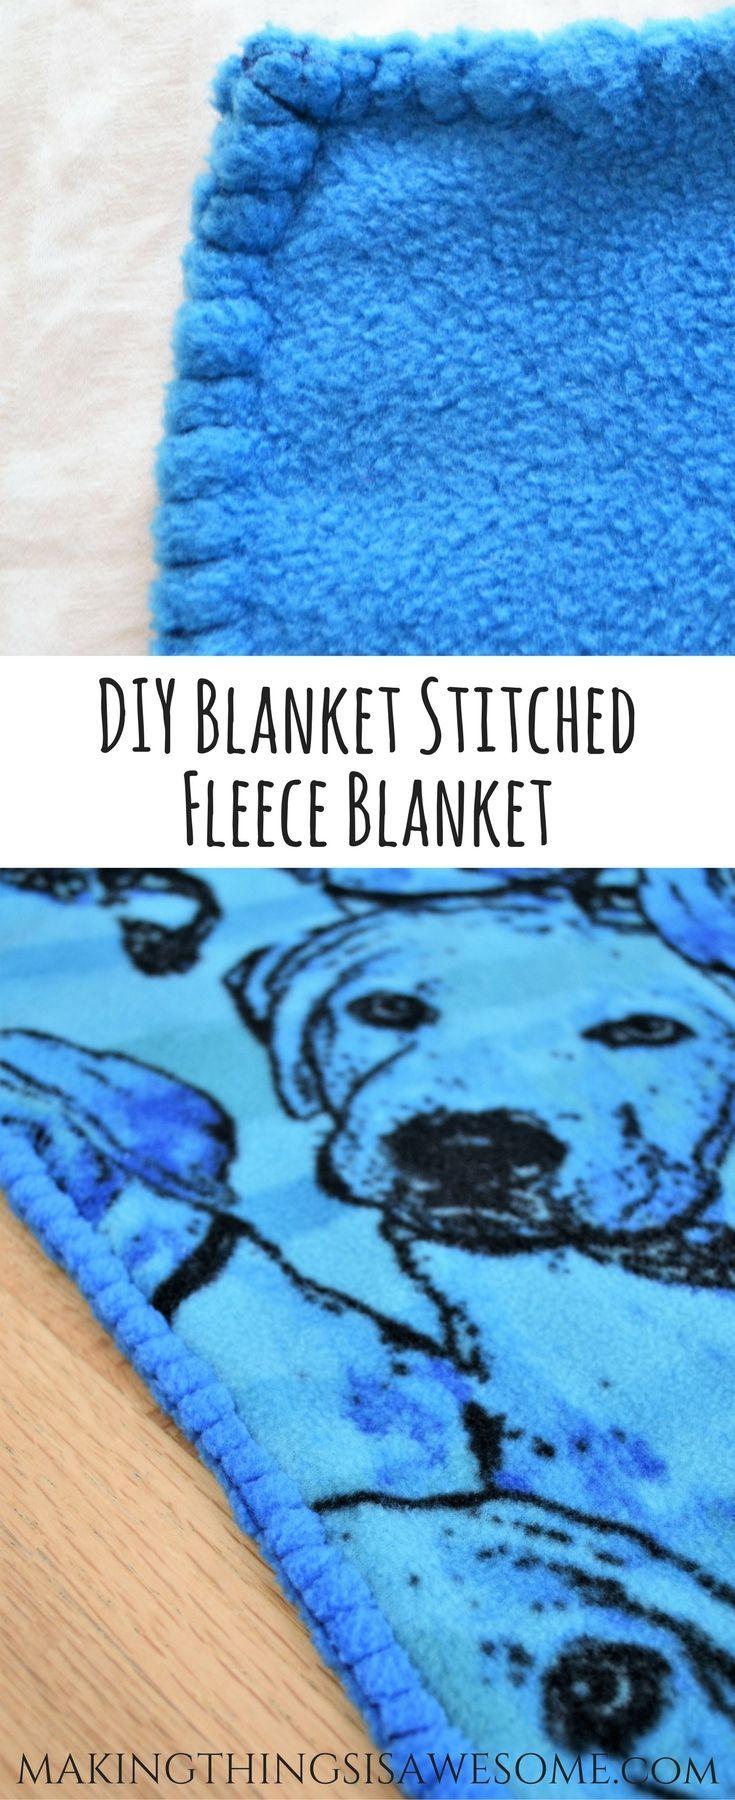 DIY Blanket Stitched Toddler Blanket